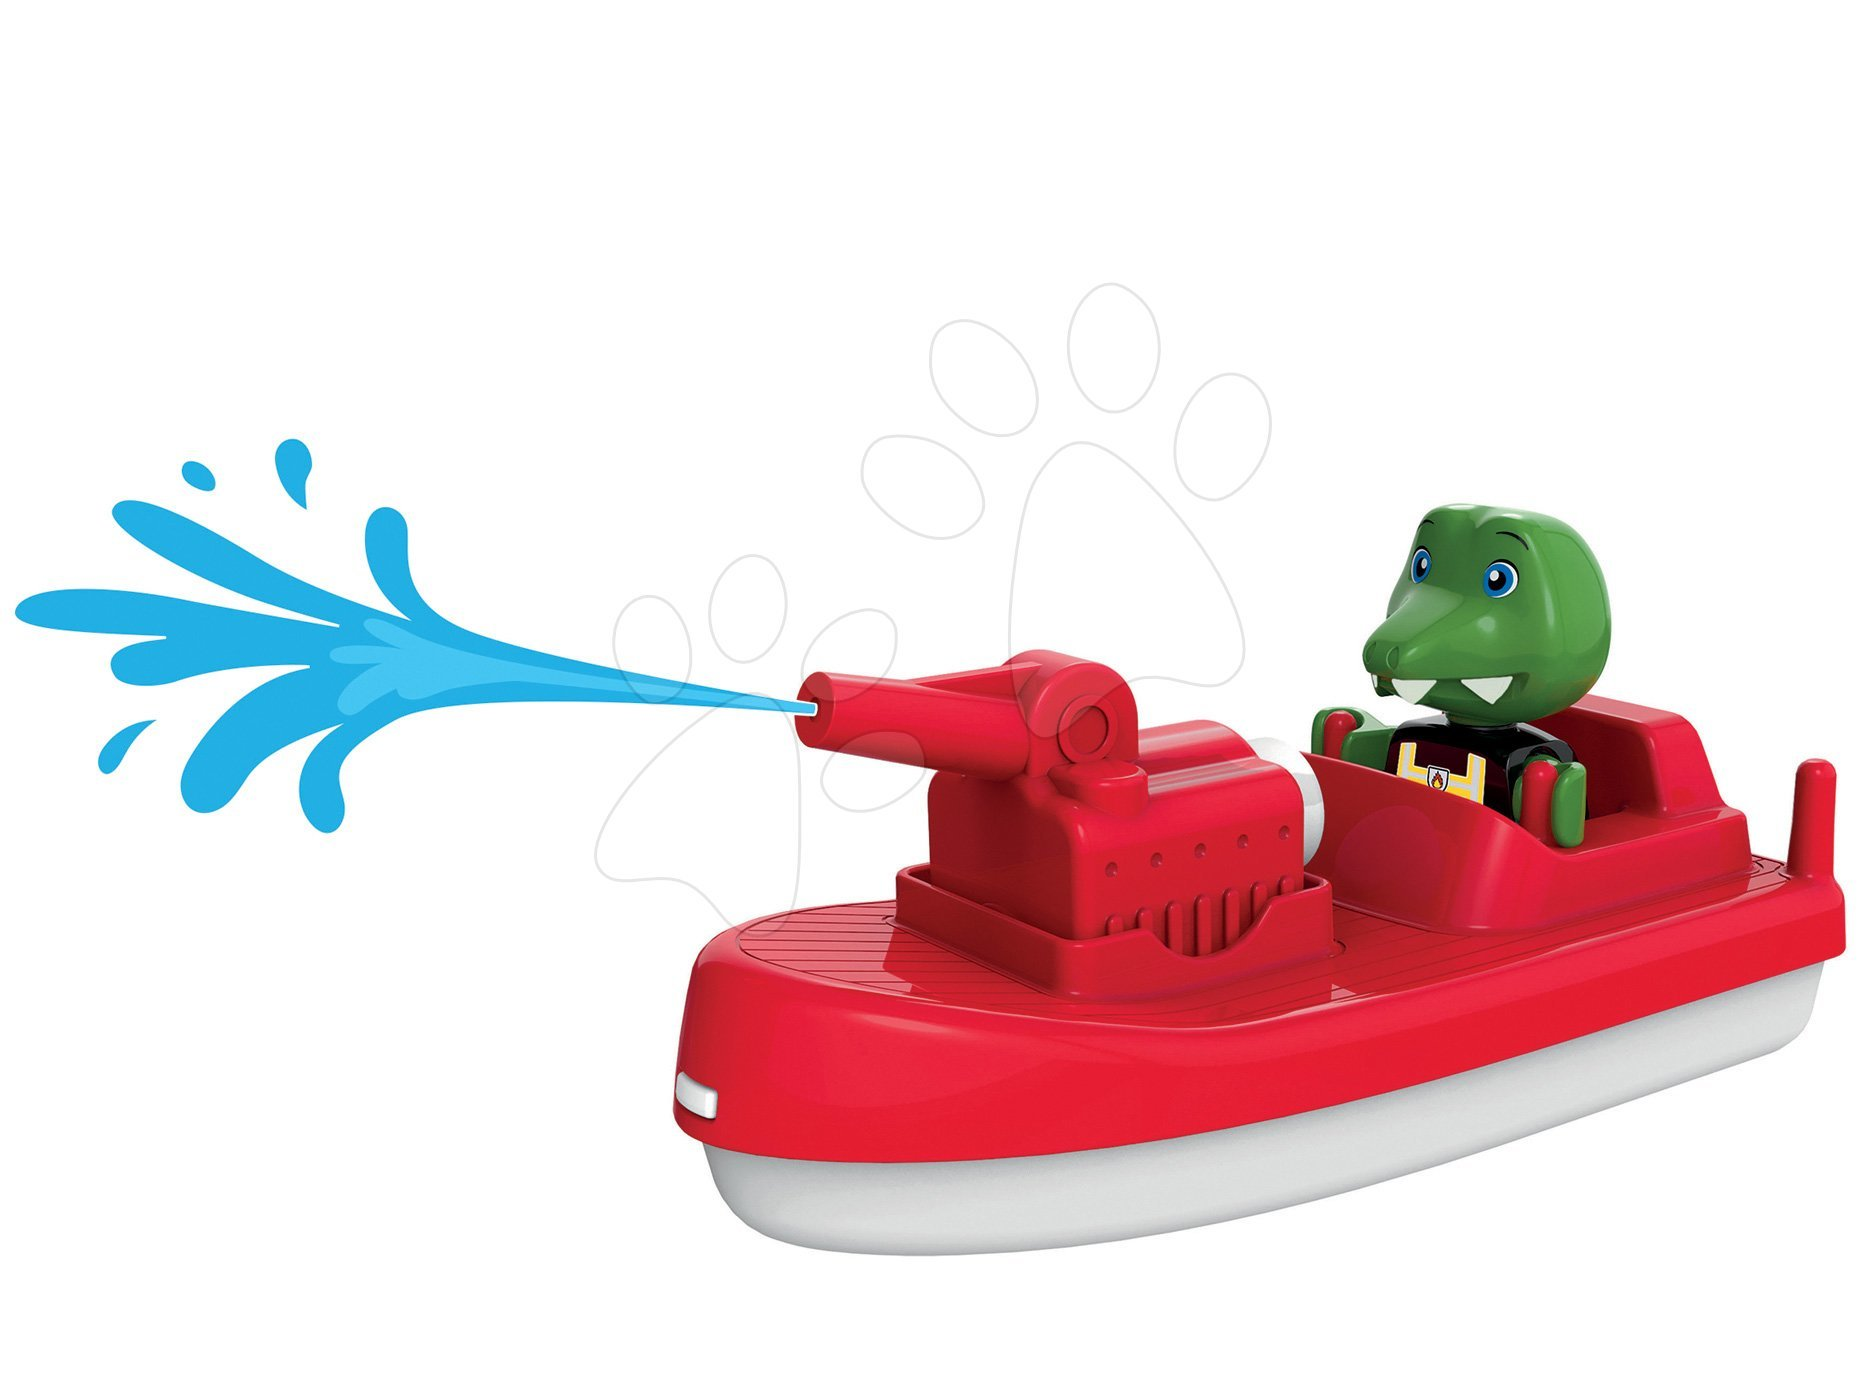 Loď s vodným delom Fireboat Aquaplay s 10 metrovým dostrelom a kapitánom krokodílom Nilsom (kompatibilné s Duplom)